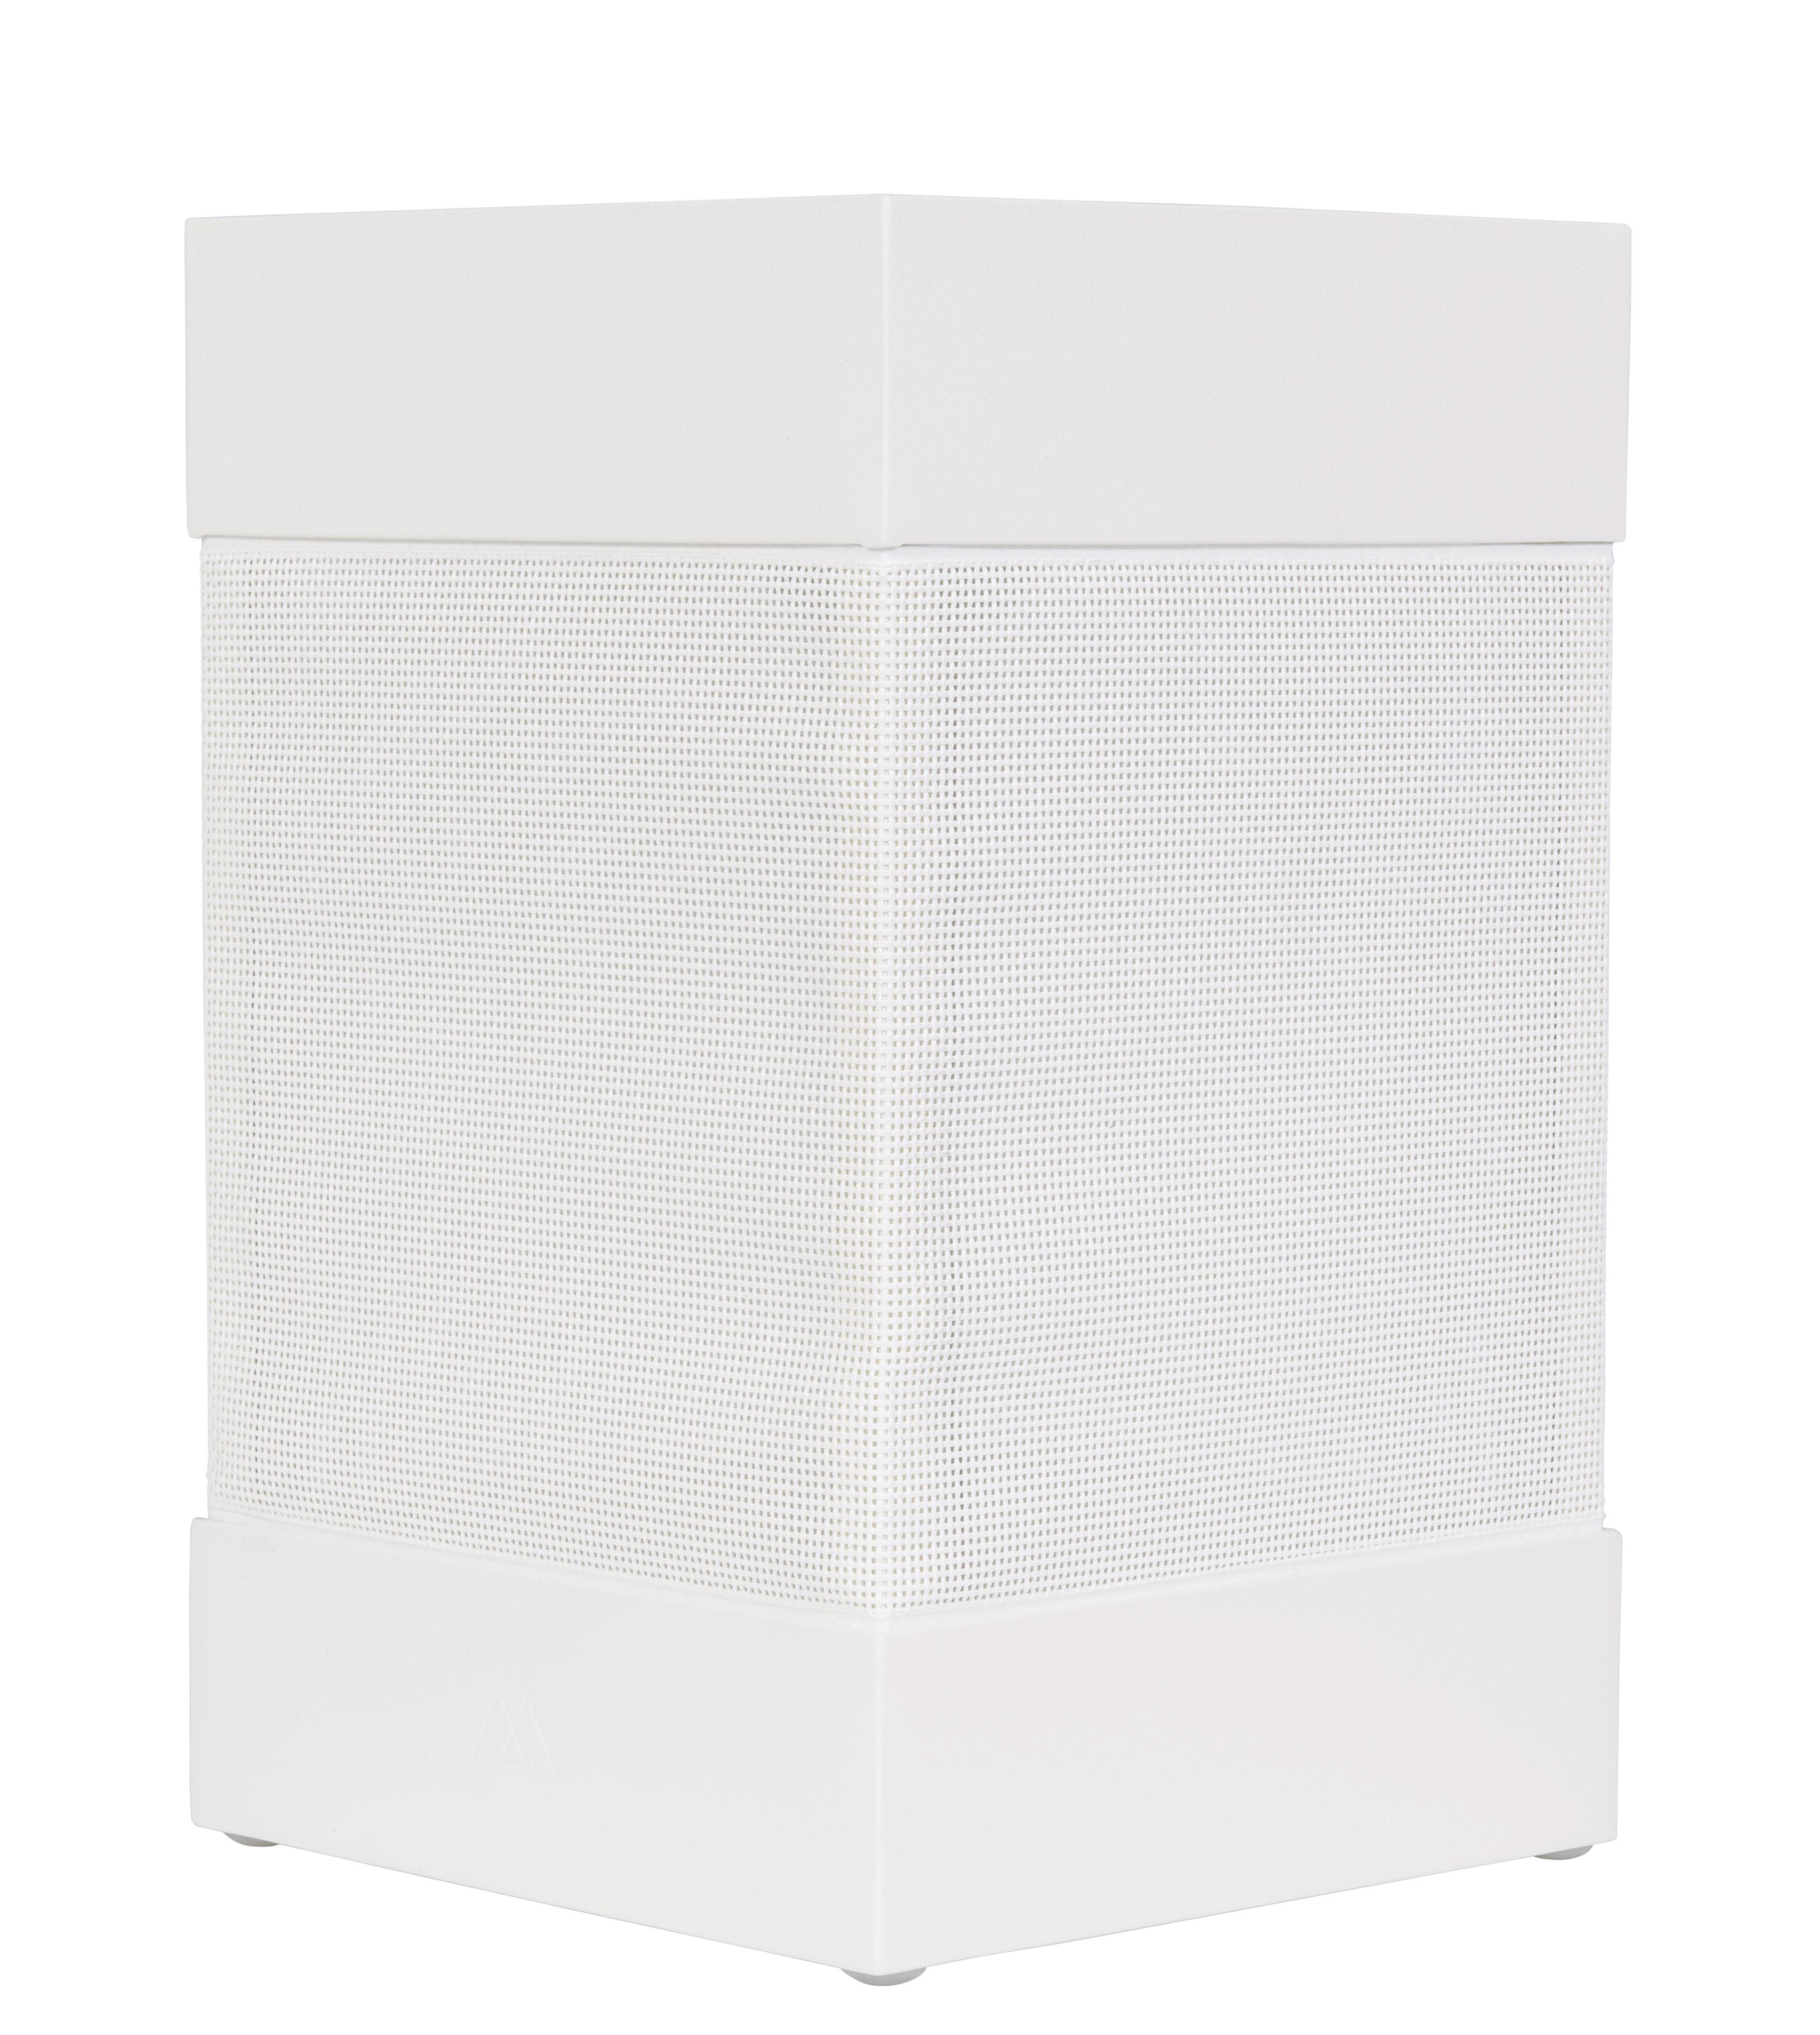 Illuminazione - Lampade da tavolo - Lampada solare La Lampe Pose 03 / LED - Senza fili - Maiori - Bianco - Alluminio, Tissu technique